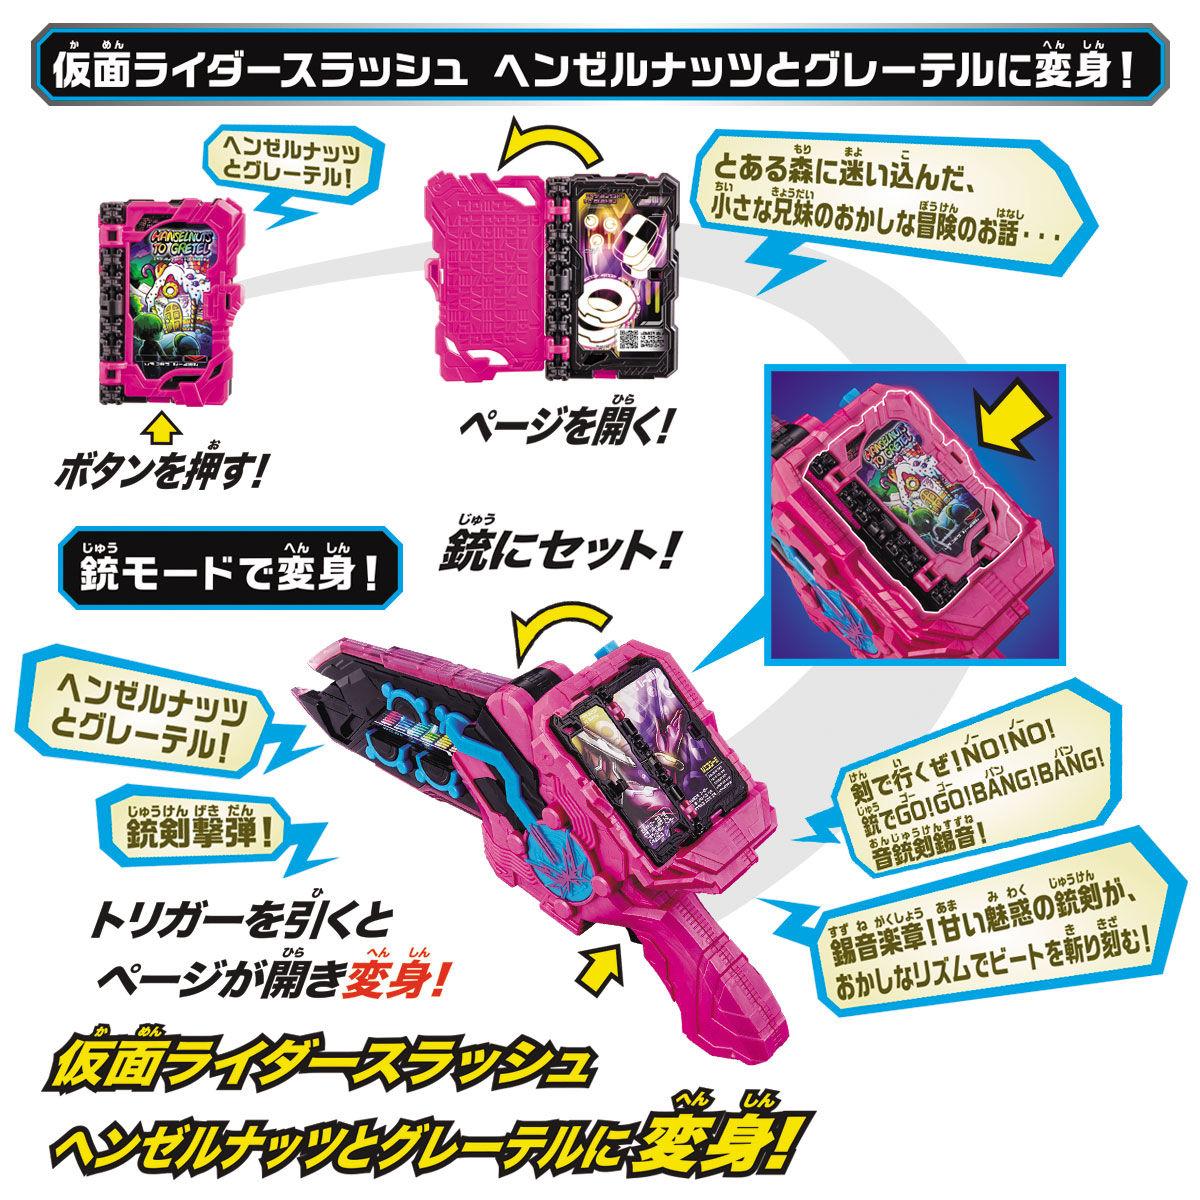 変身聖剣『DX音銃剣錫音』仮面ライダースラッシュ 変身なりきり-006